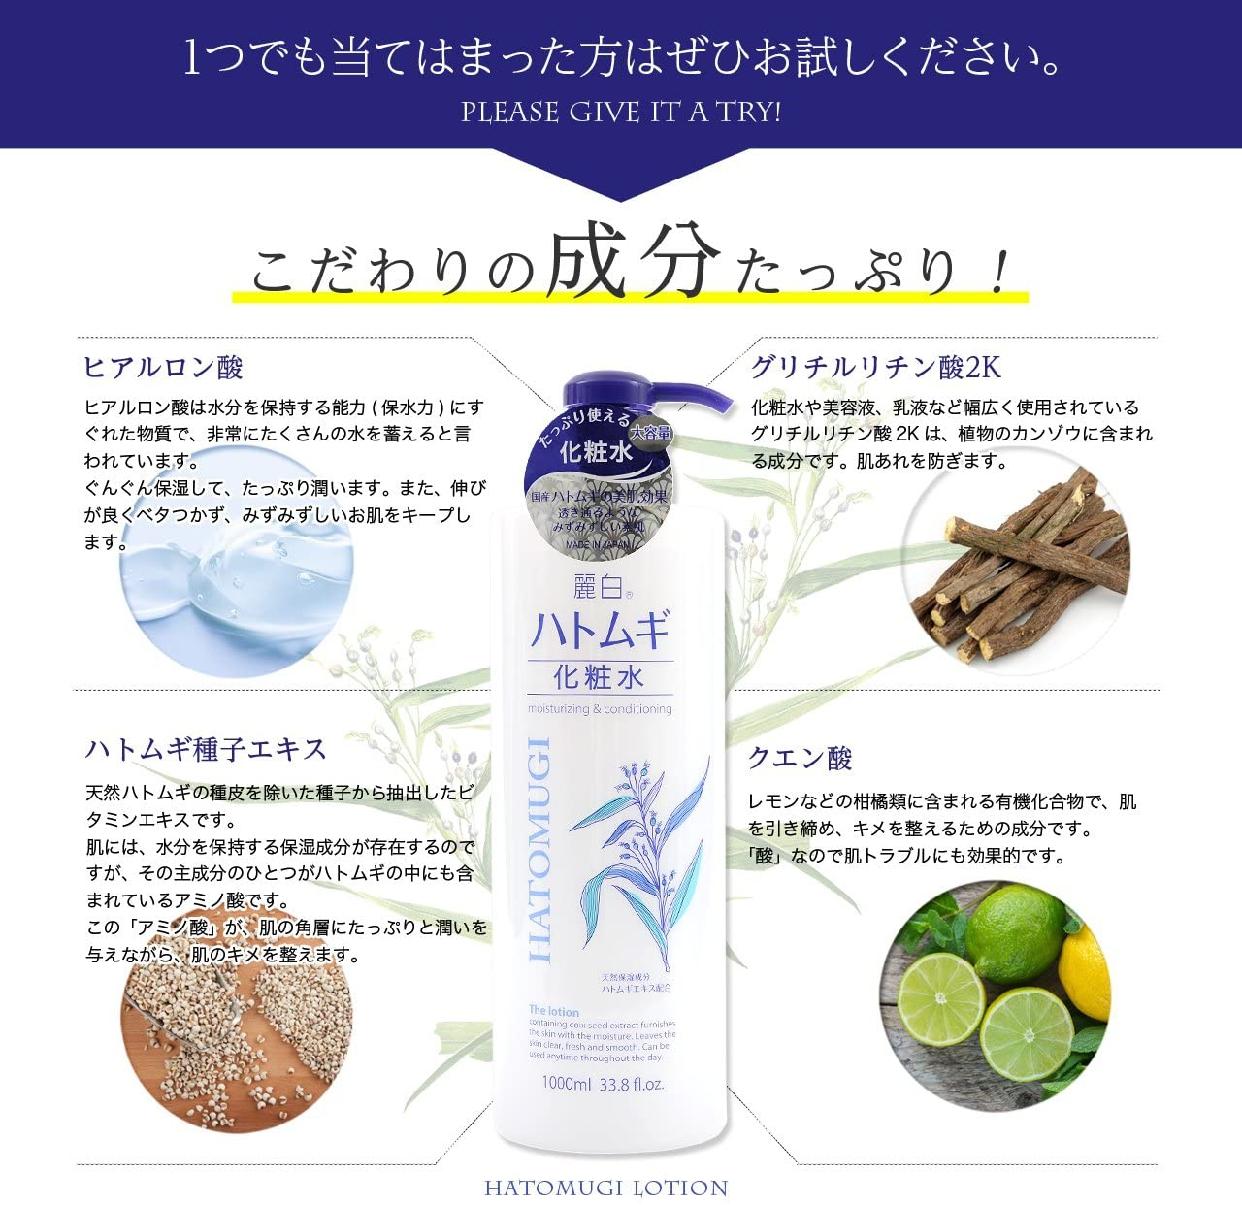 麗白 ハトムギ化粧水の商品画像6